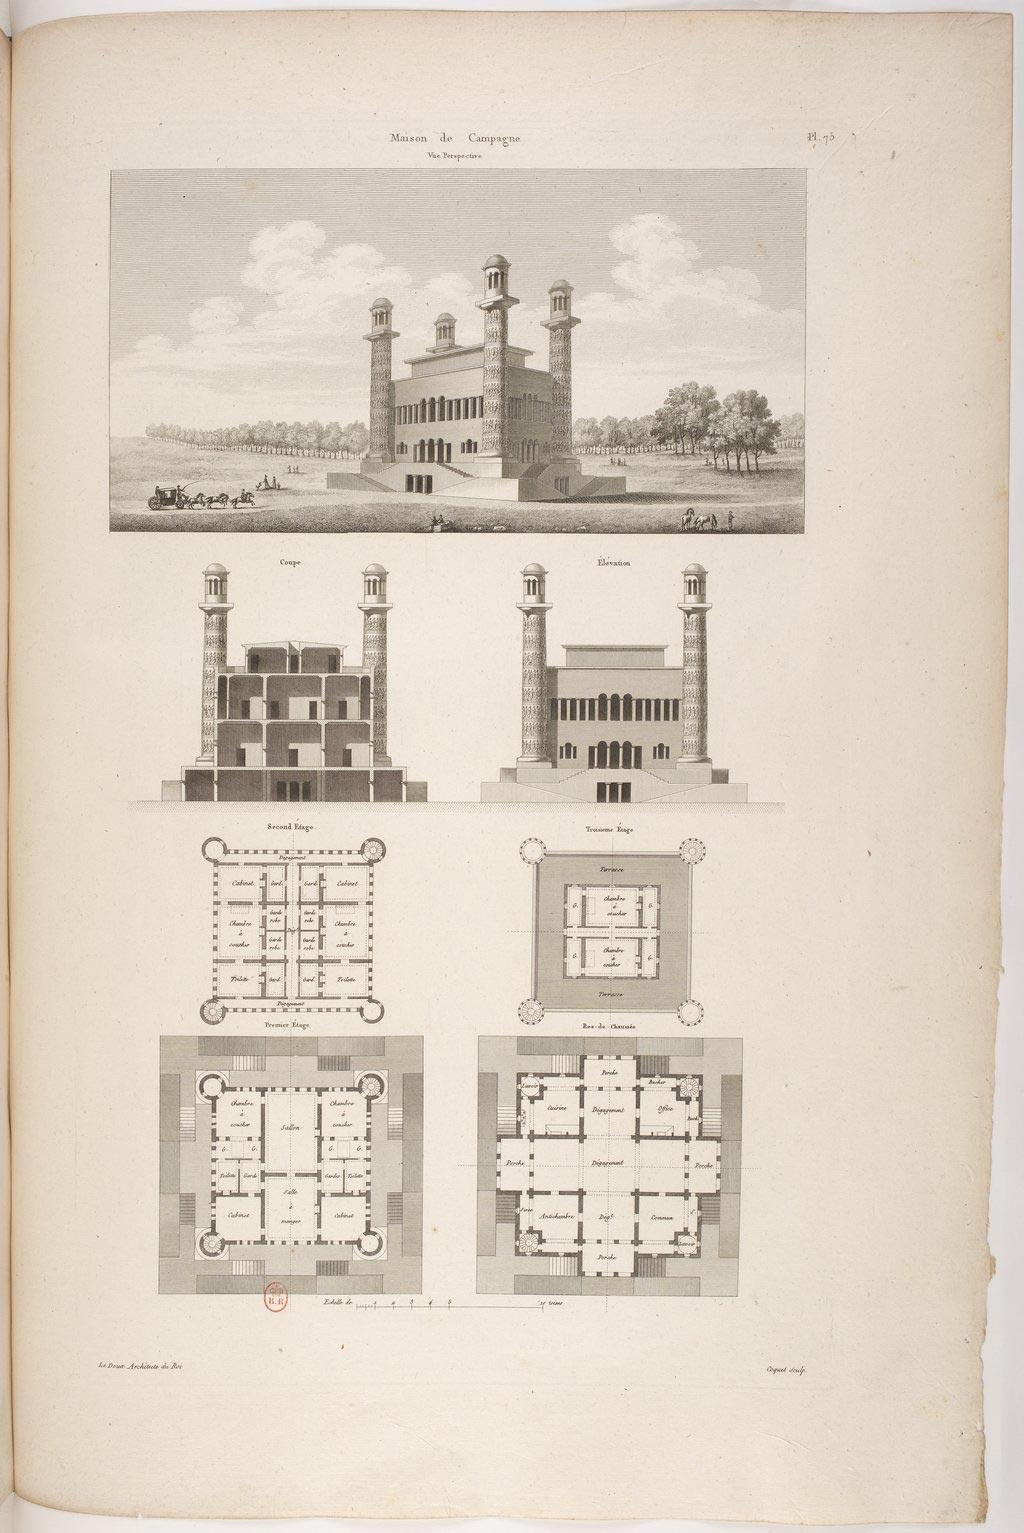 ledoux-claude-architecture-387